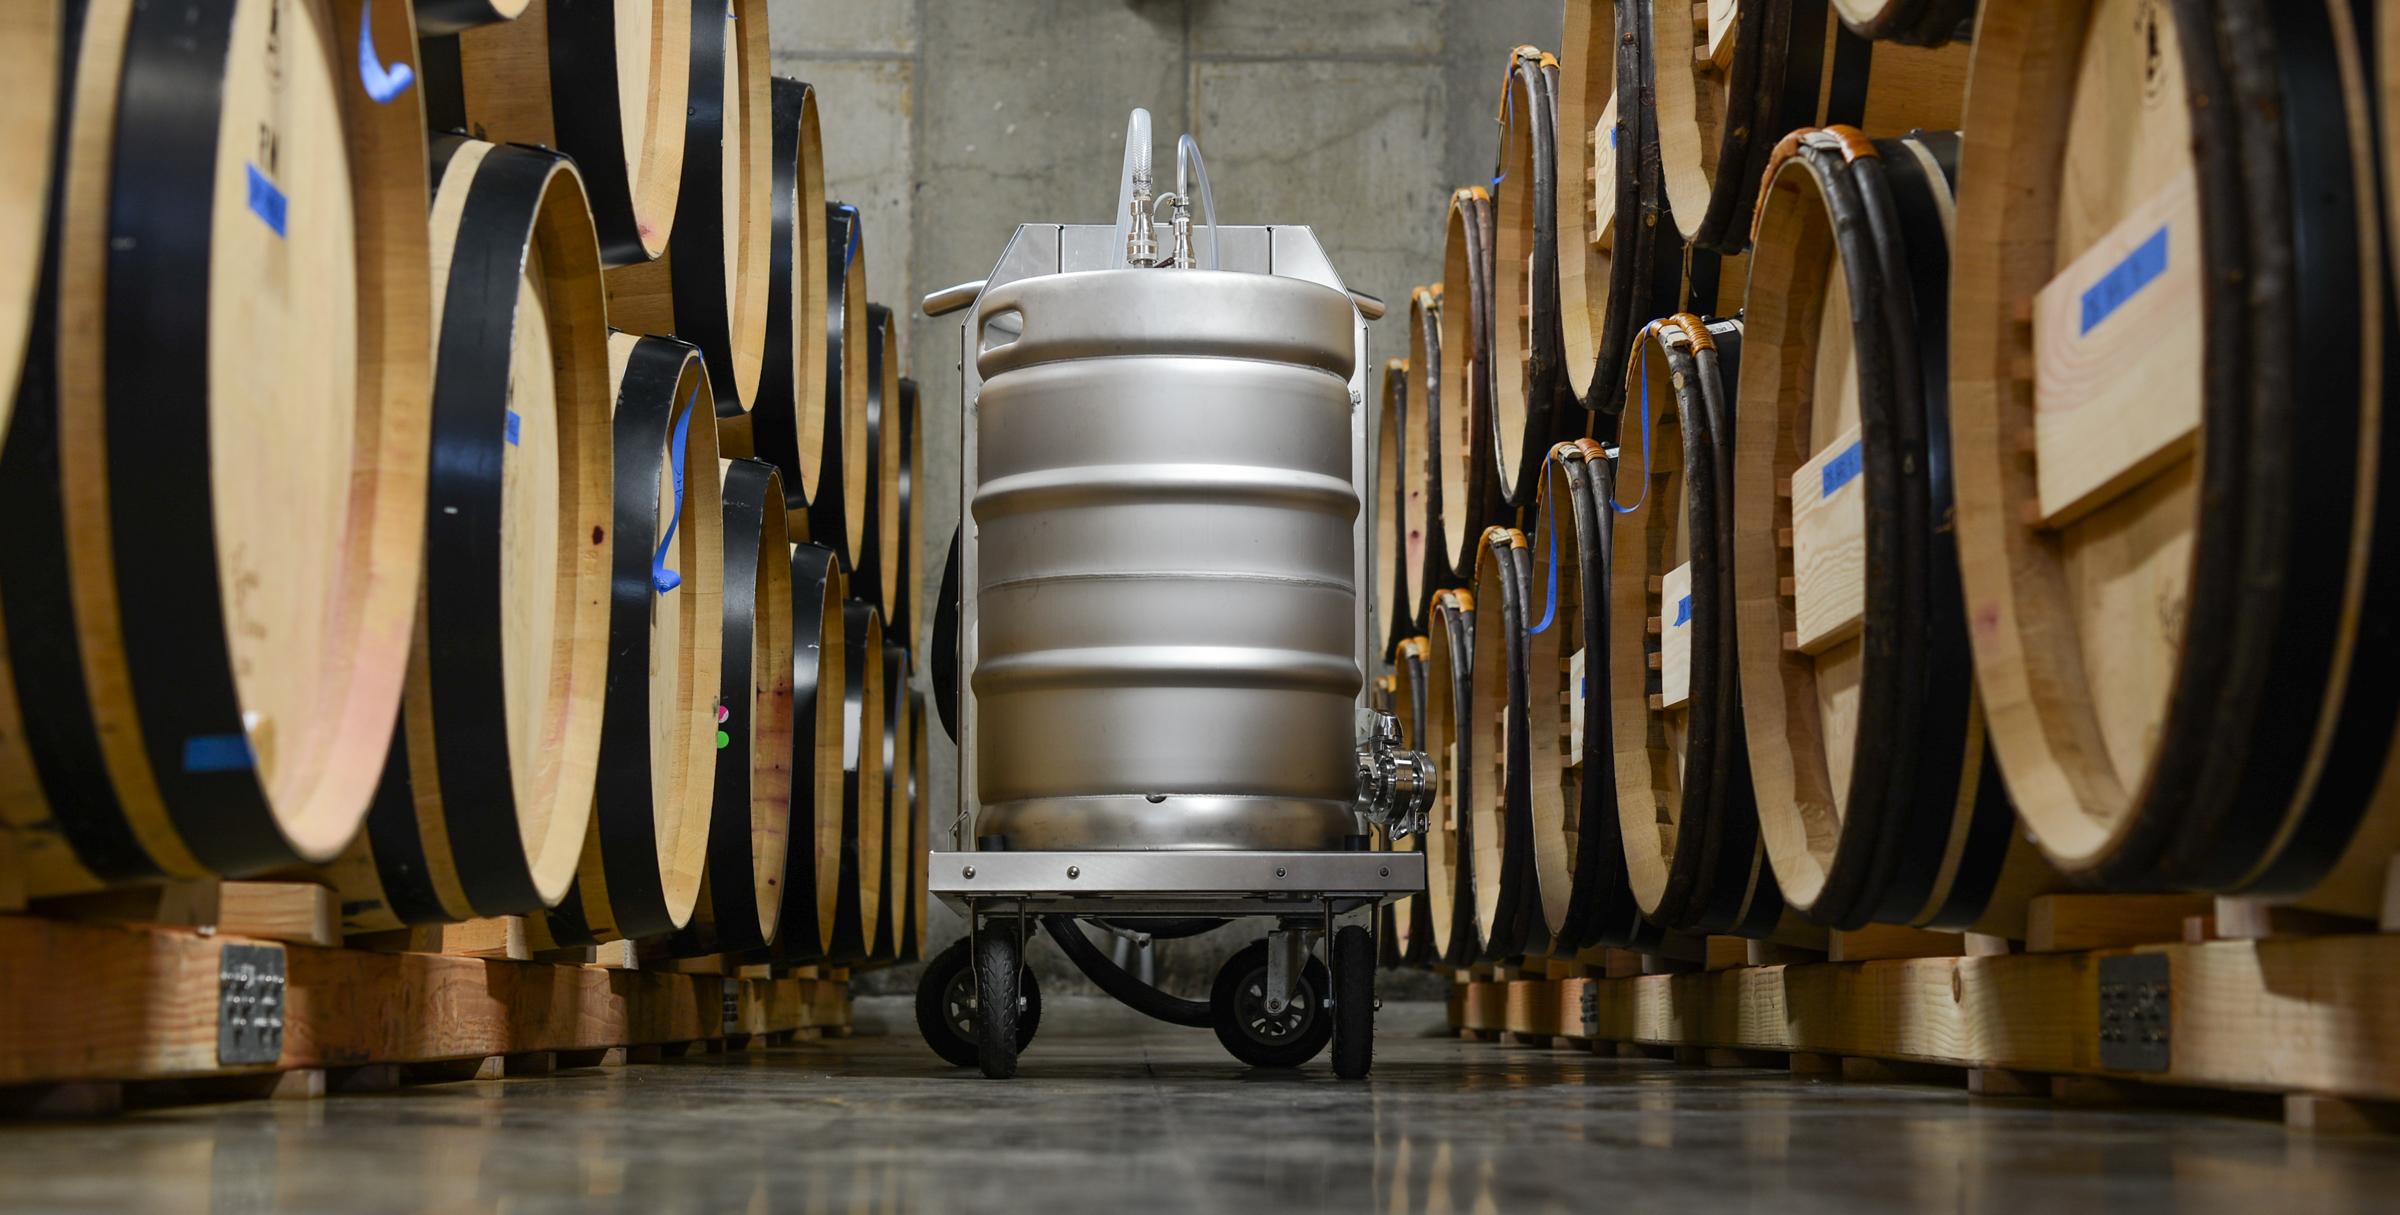 the barrel wise barrel management system